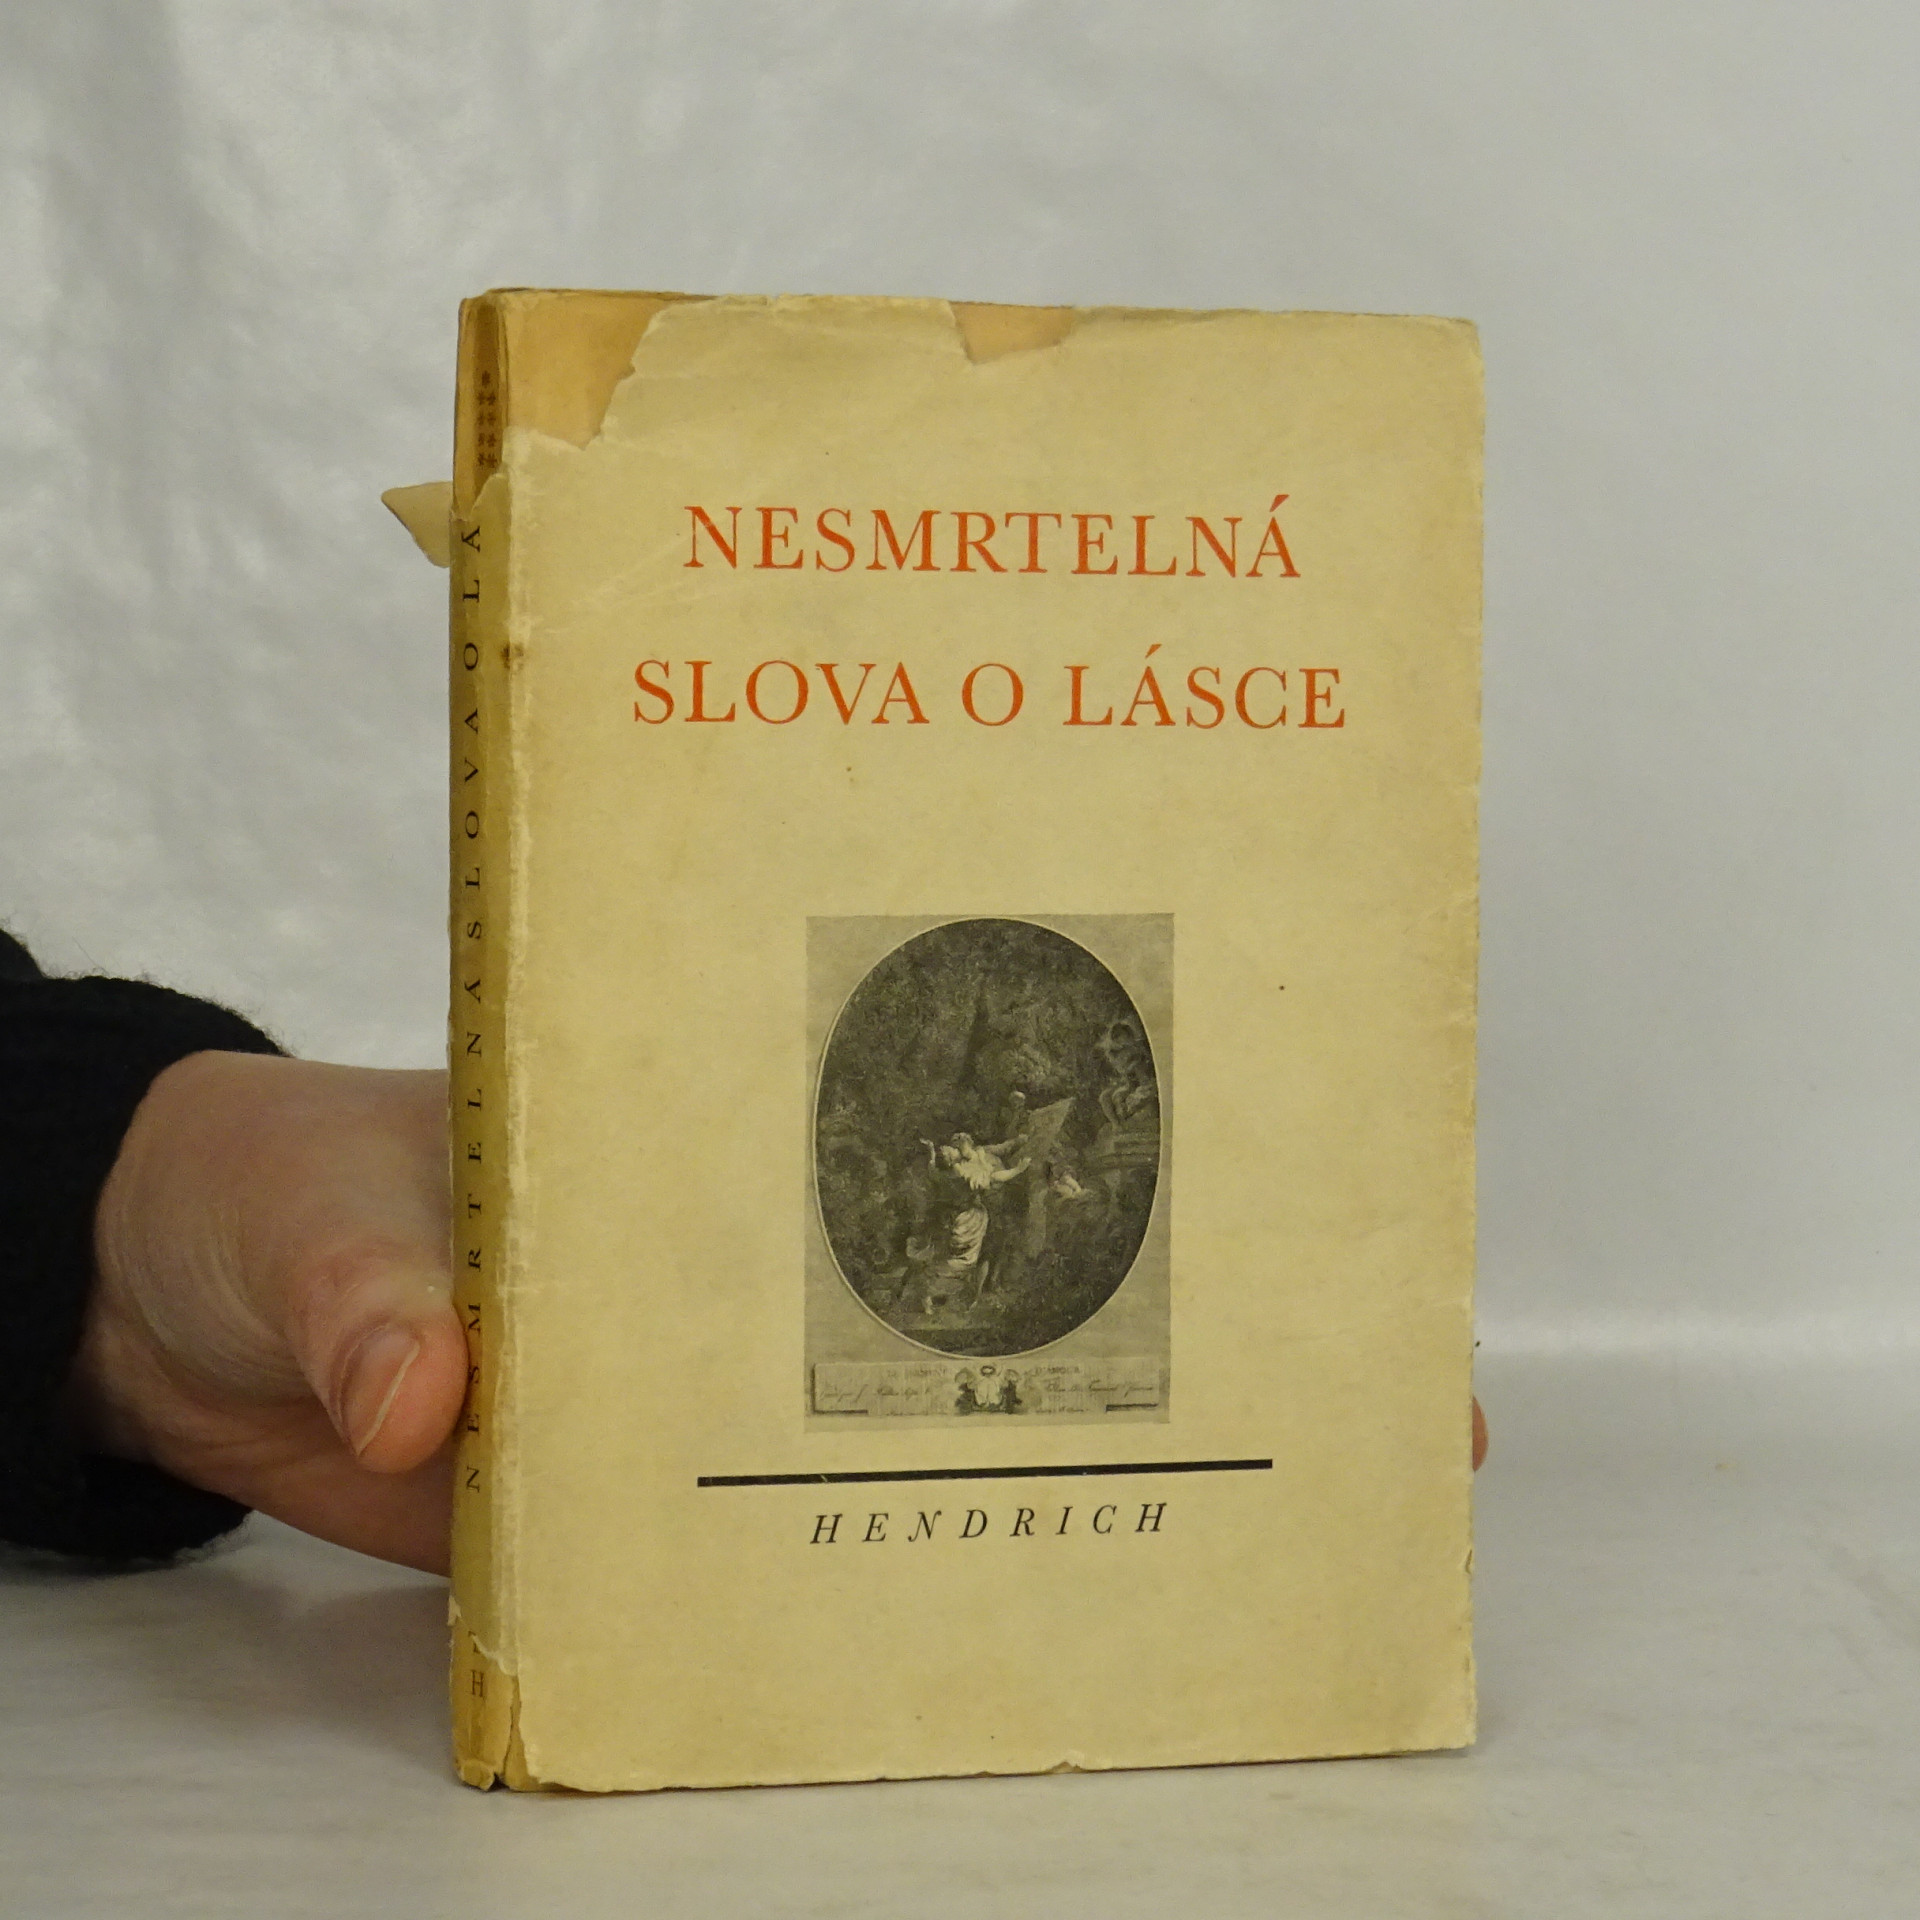 antikvární kniha Nesmrtelná slova o lásce, 1942